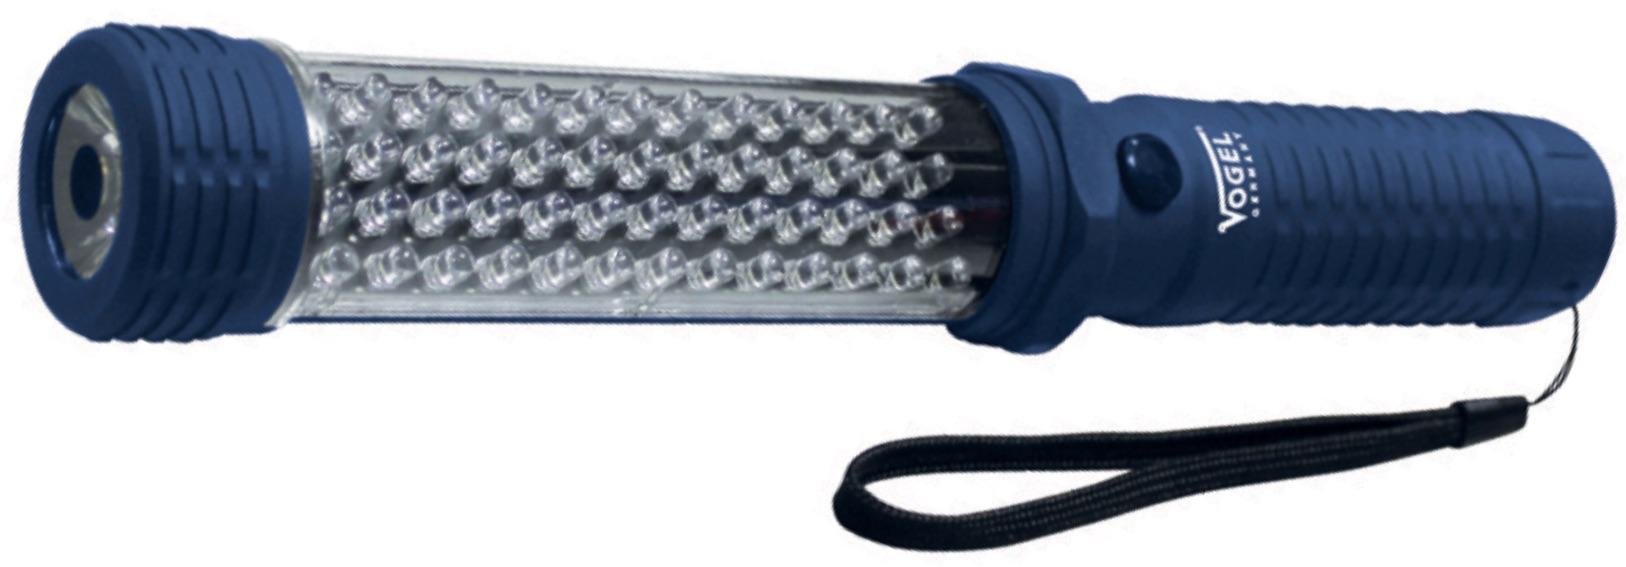 Đèn LED treo bảo dưỡng công nghiệp Vogel Germany 600025